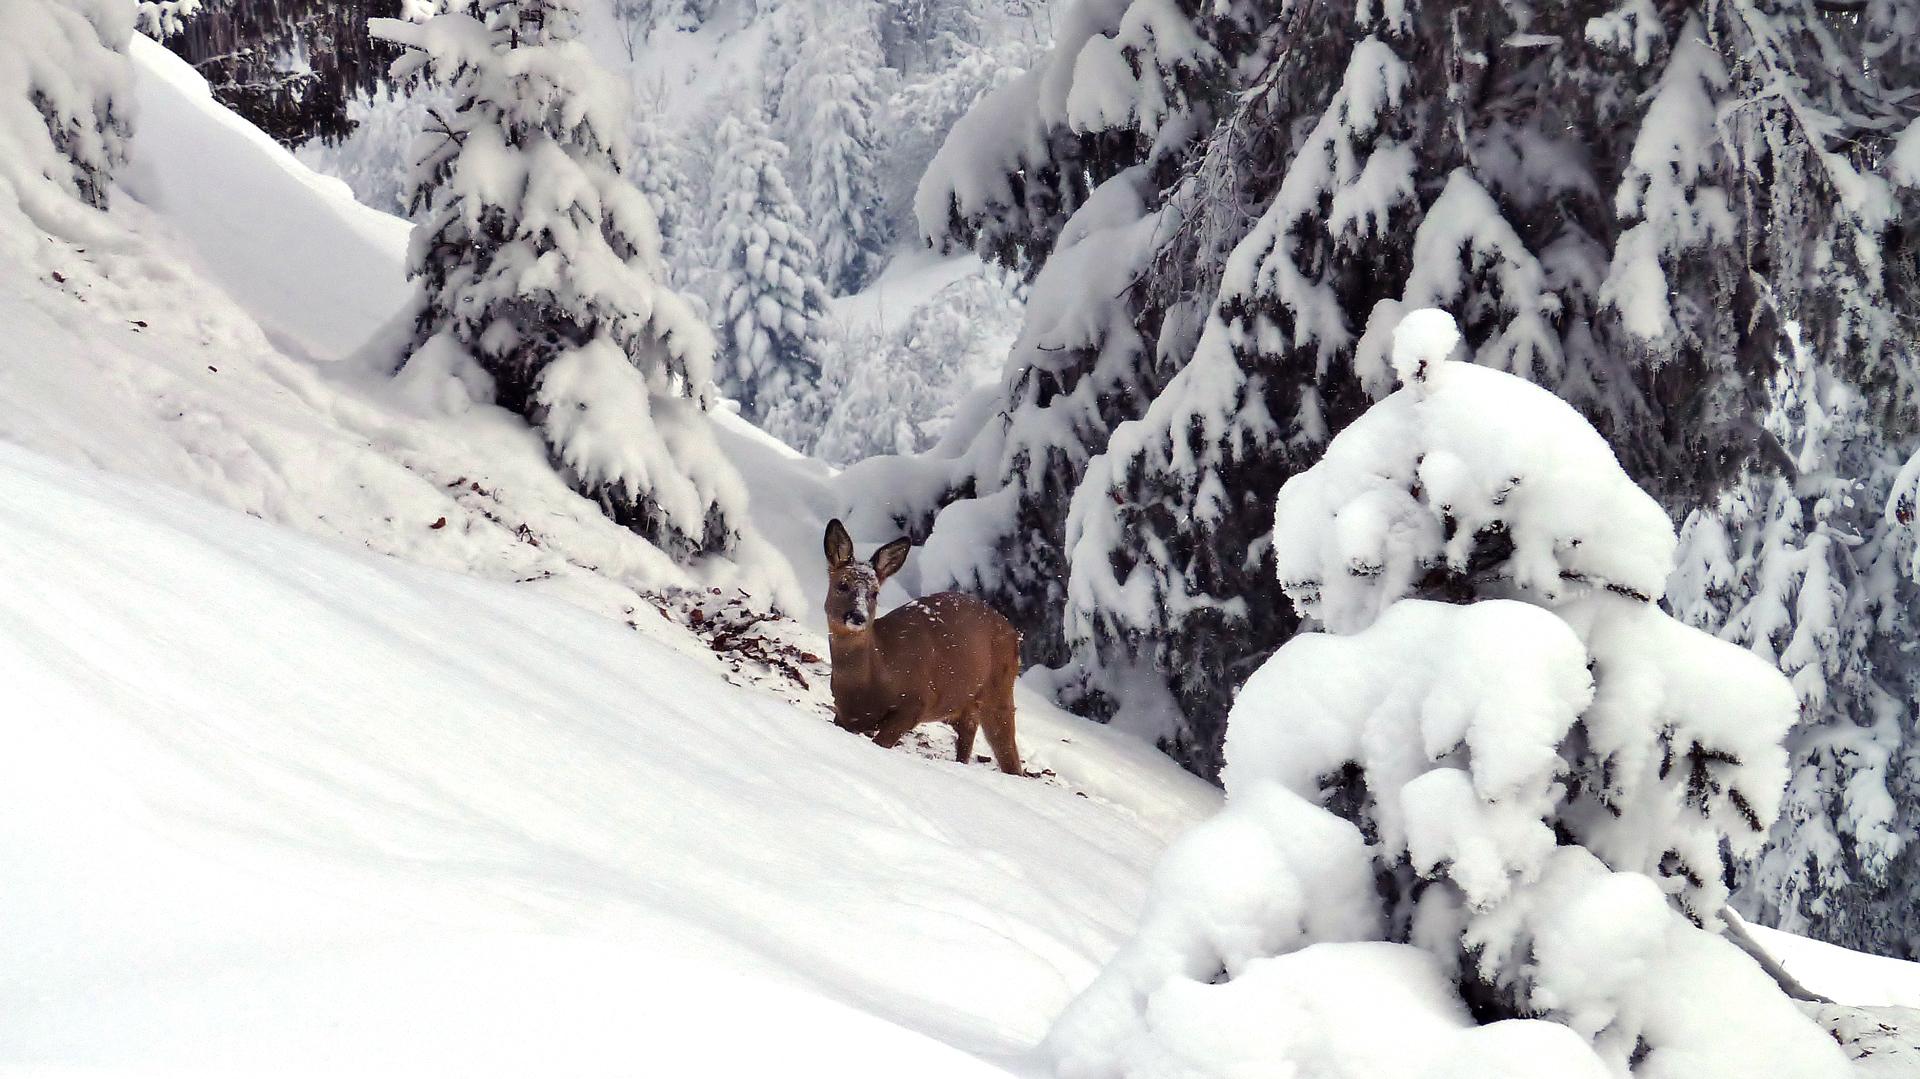 Klettersteig Bälmeten : Sac zindelspitz u2013 jahresprogramm der sektion für freunde bergwelt